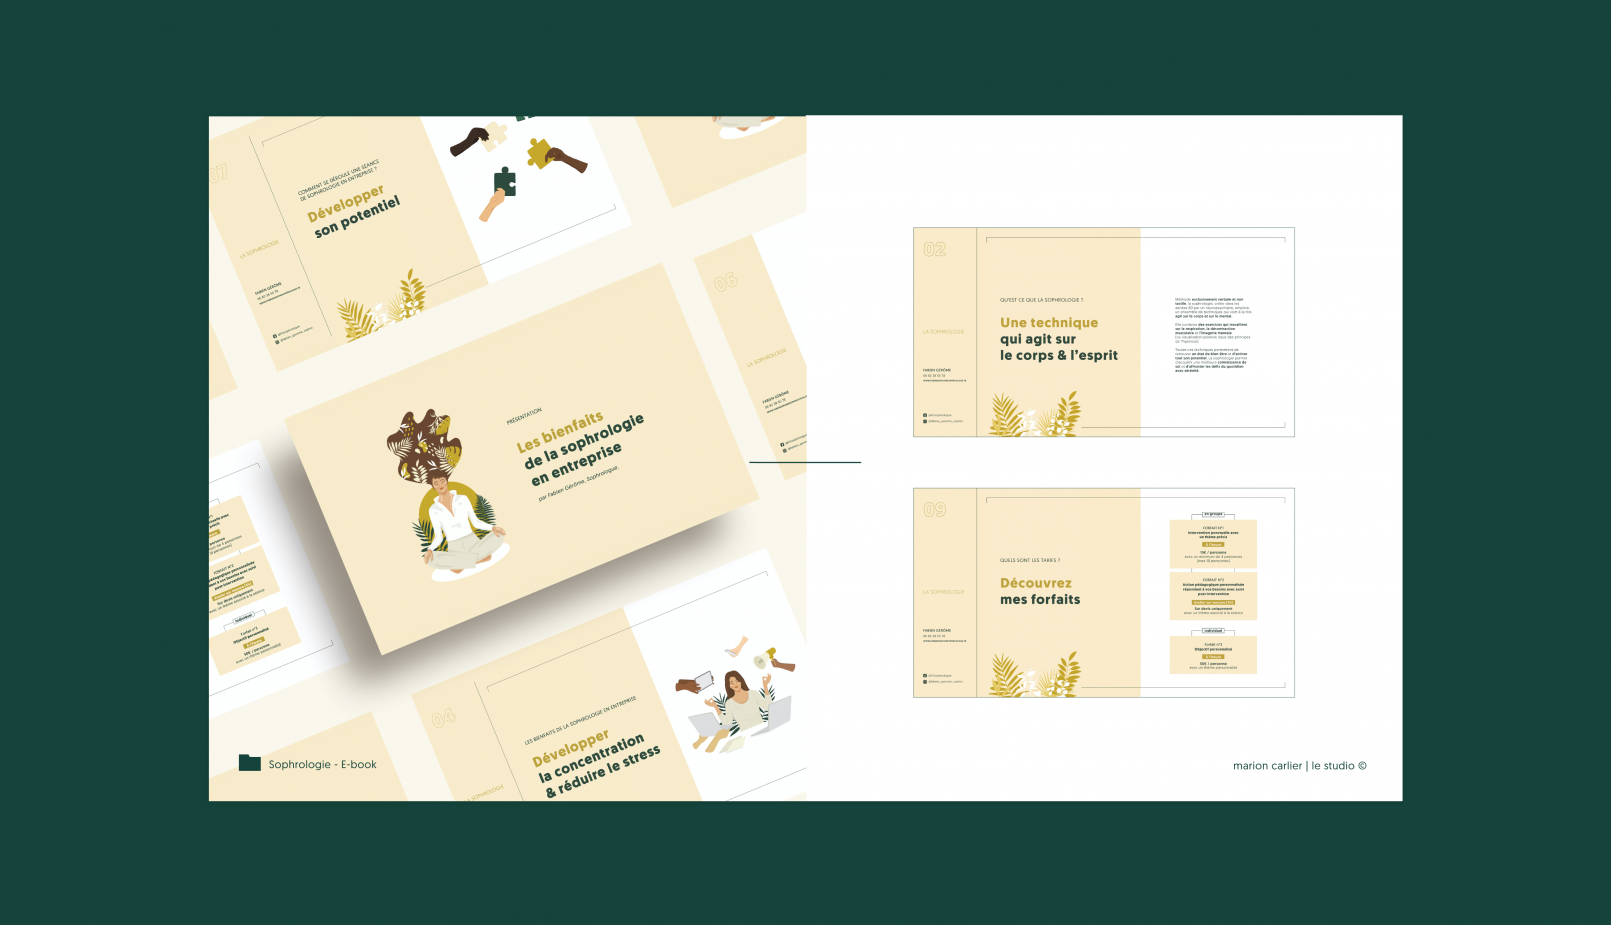 marion-carlier-services-sophrobee – ebook – 1